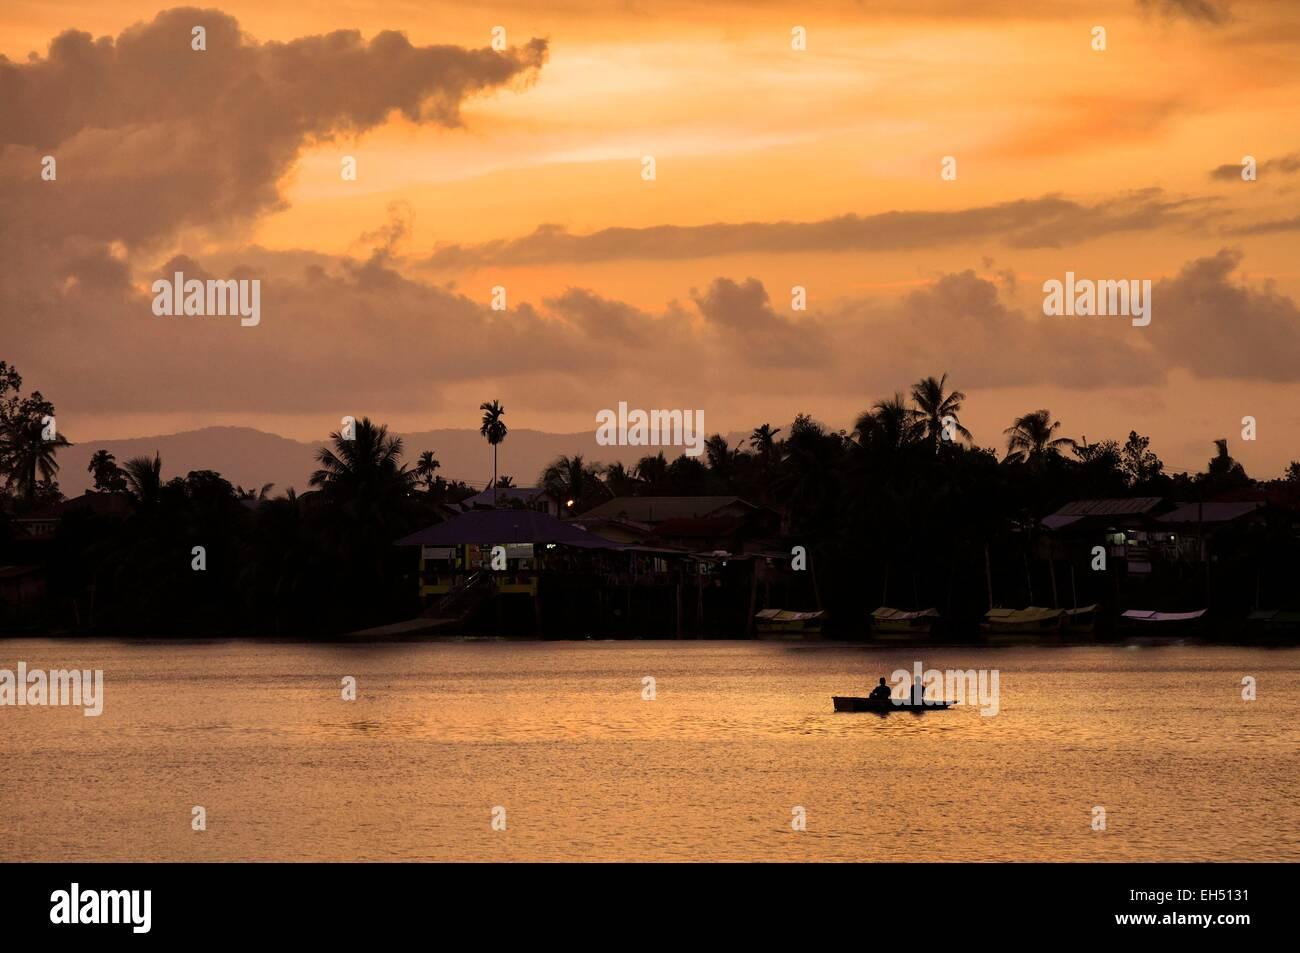 Malaysia, Borneo, Sarawak, Kuching, silhouette of fishermen on a boat on Sungai Sarawak river at sunset - Stock Image